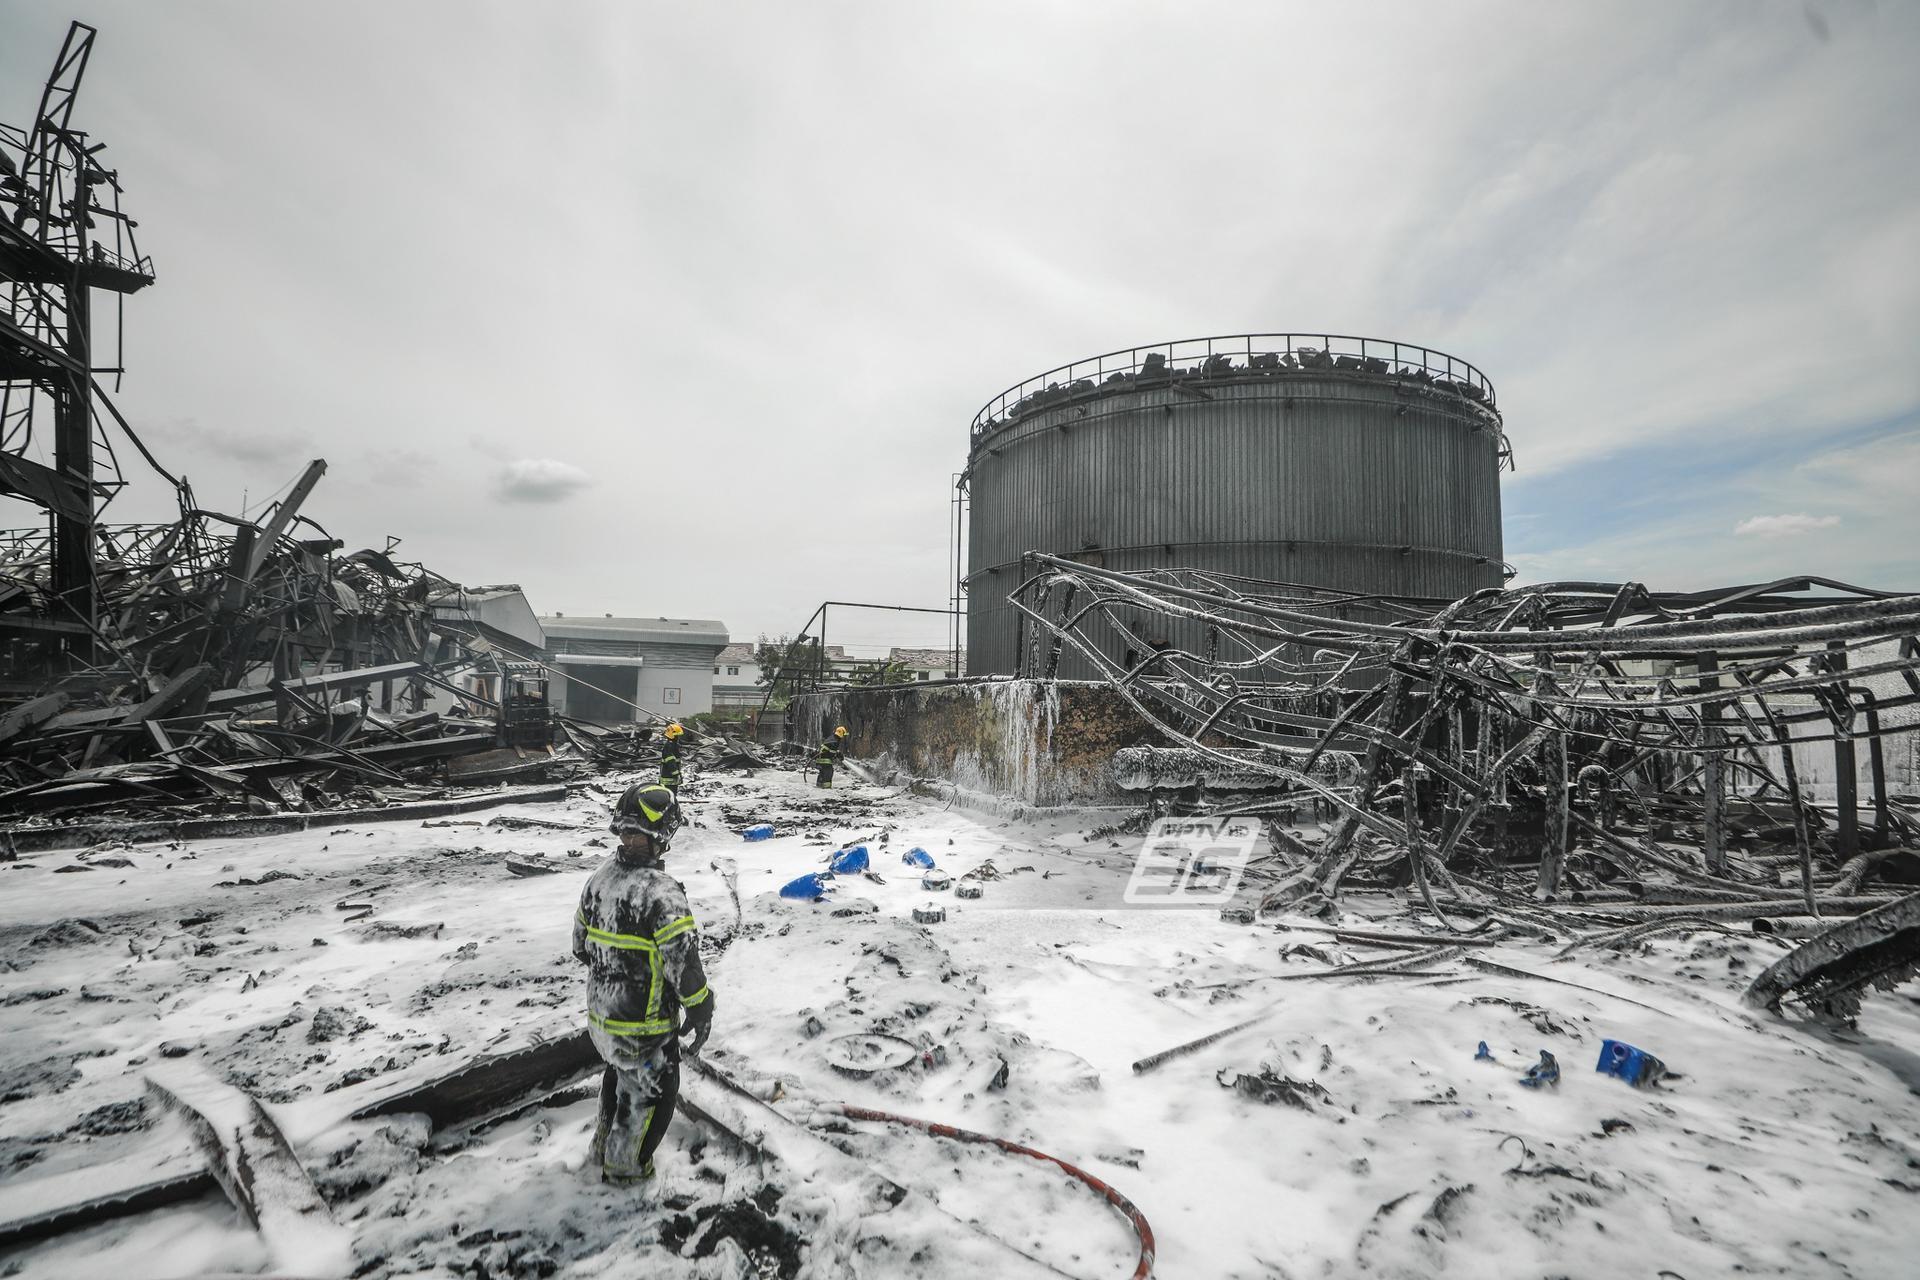 เฝ้าระวัง!! 'โรงงานหมิงตี้เคมีคอล' หลังเพลิงสงบ